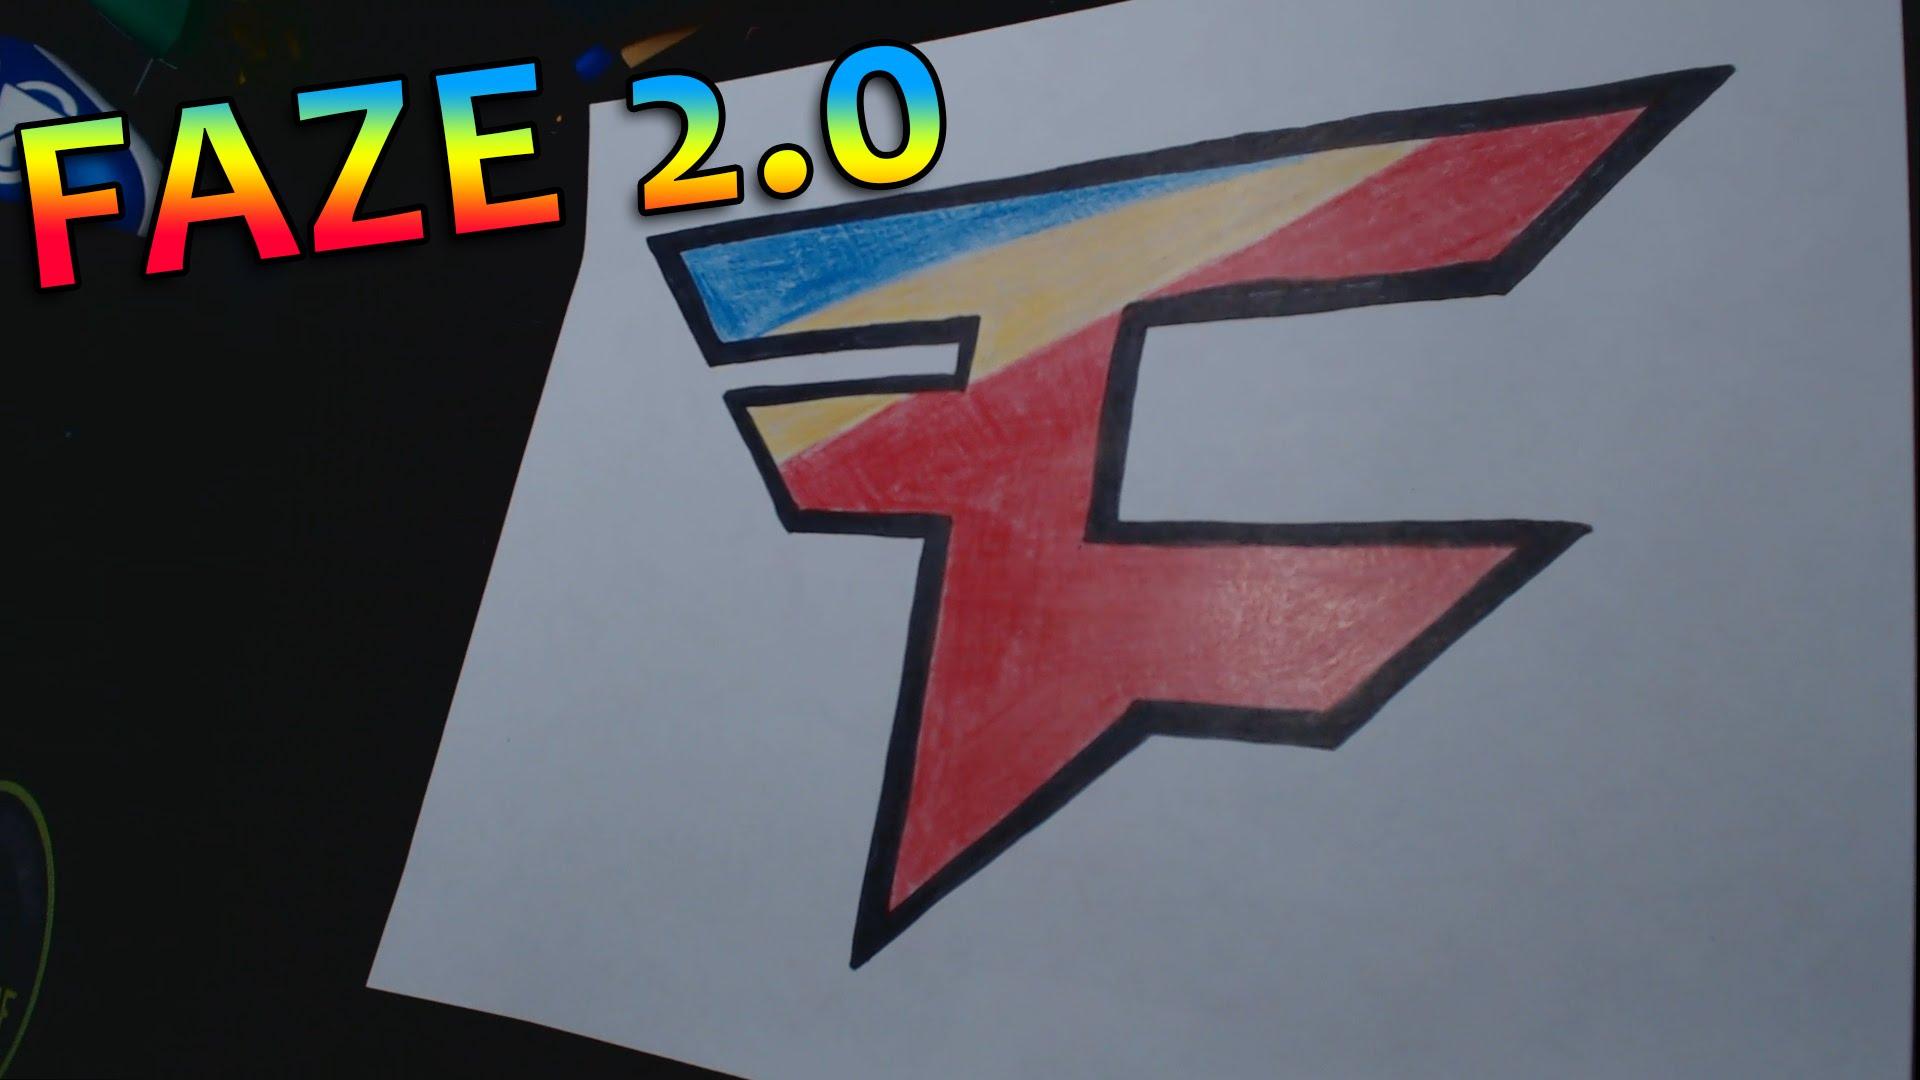 1920x1080 Drawing The Faze 2.0 Logo